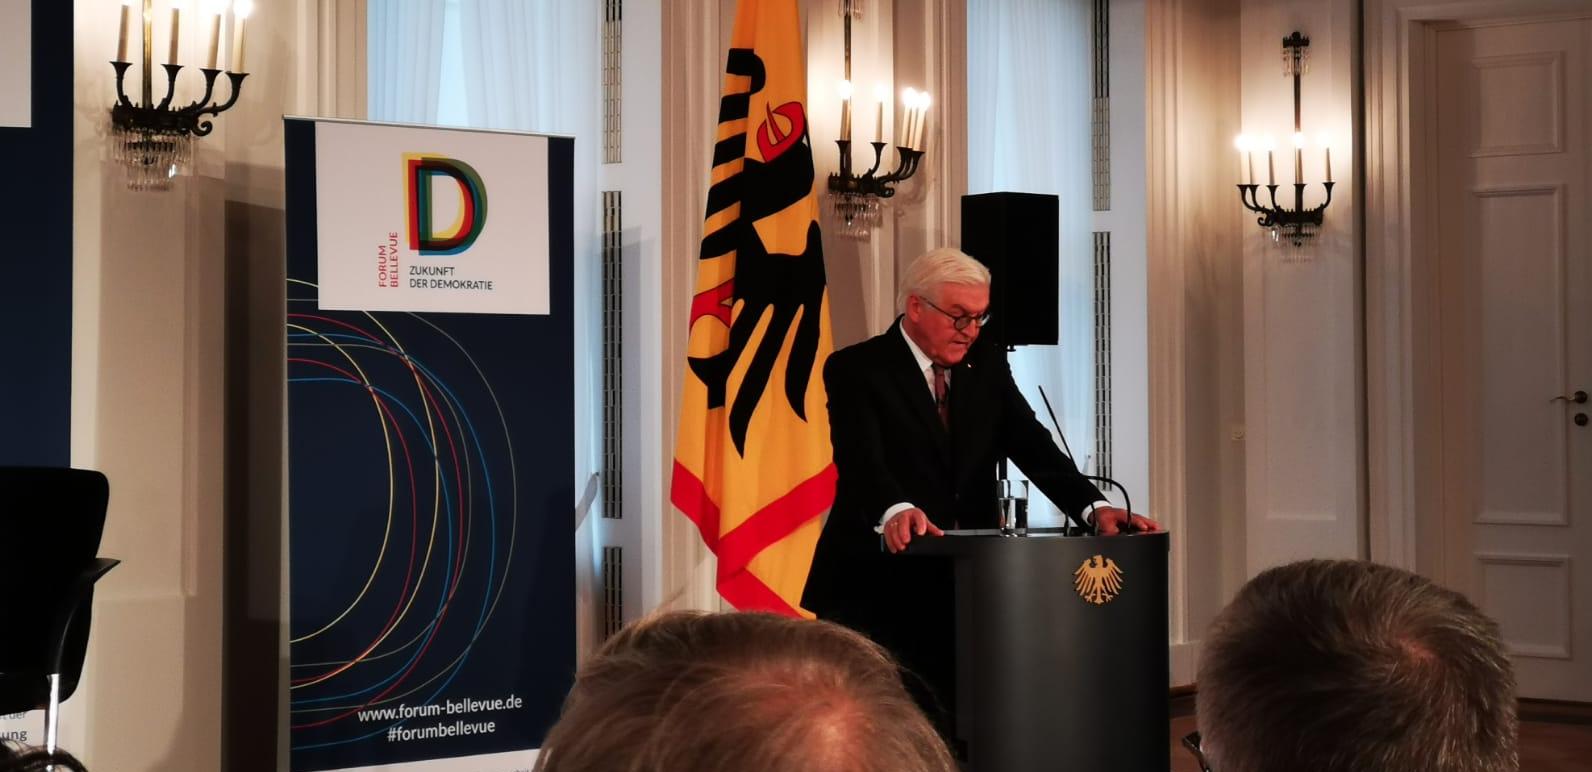 Inflotec zu Besuch bei Bundespräsident Frank-Walter Steinmeier